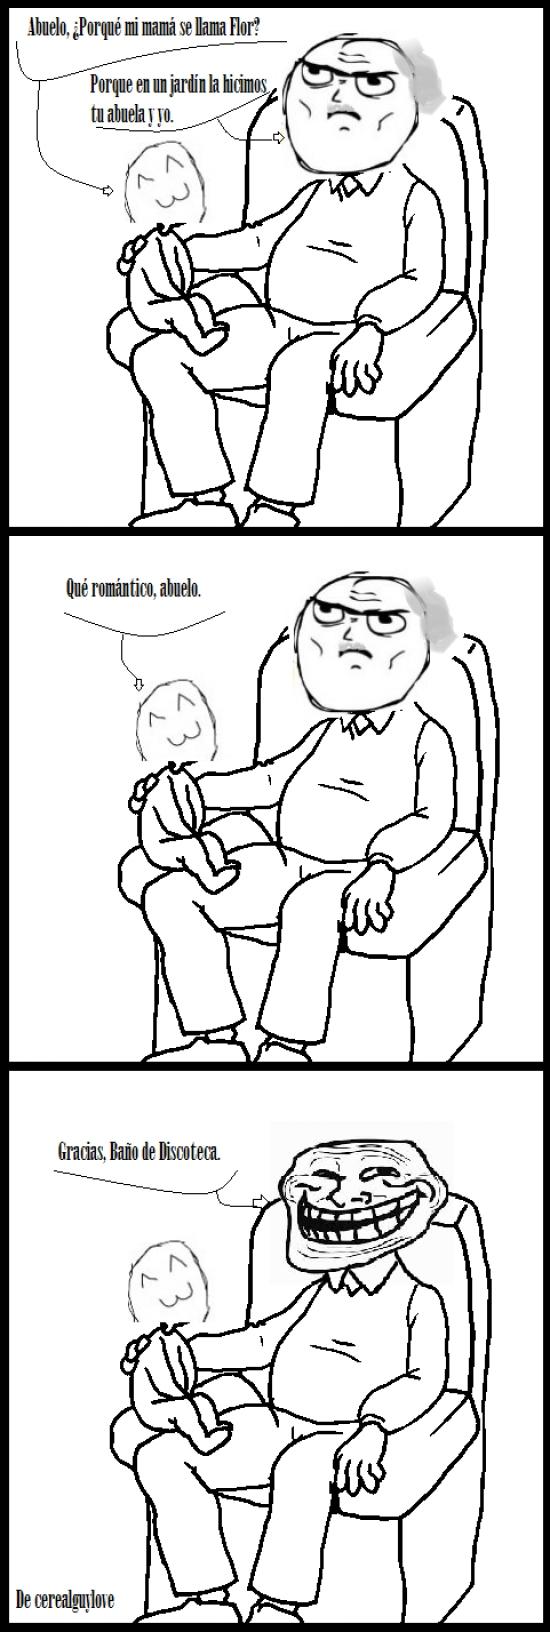 Trollface - Ese momento incómodo con tu abuelo